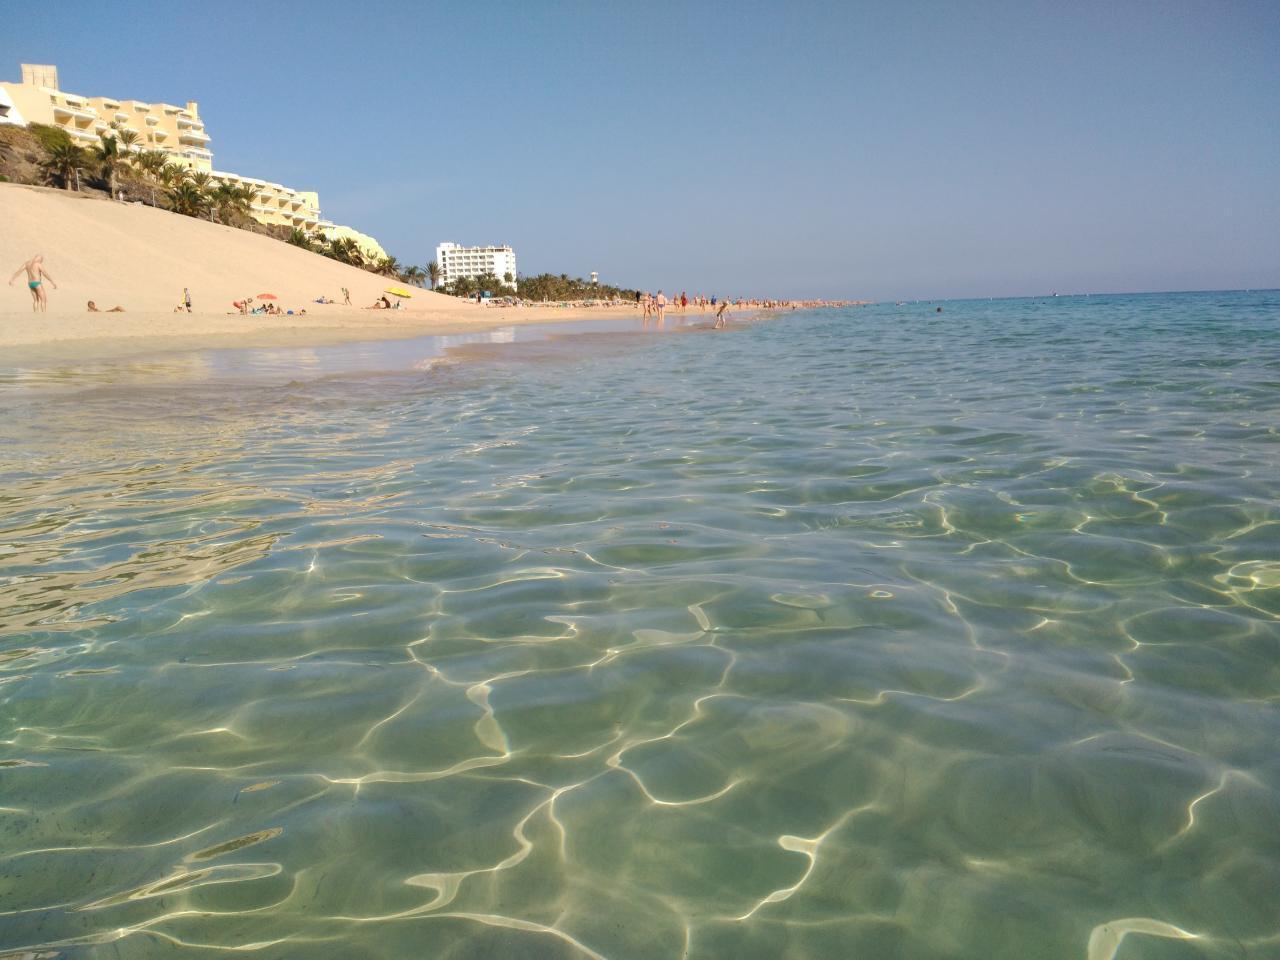 Ferienwohnung Apartment 2 / 4er Direkt am Meer, mit Blick auf den Strand, Schwimmbäder, ausgestattet. WI (634890), Morro Jable, Fuerteventura, Kanarische Inseln, Spanien, Bild 23